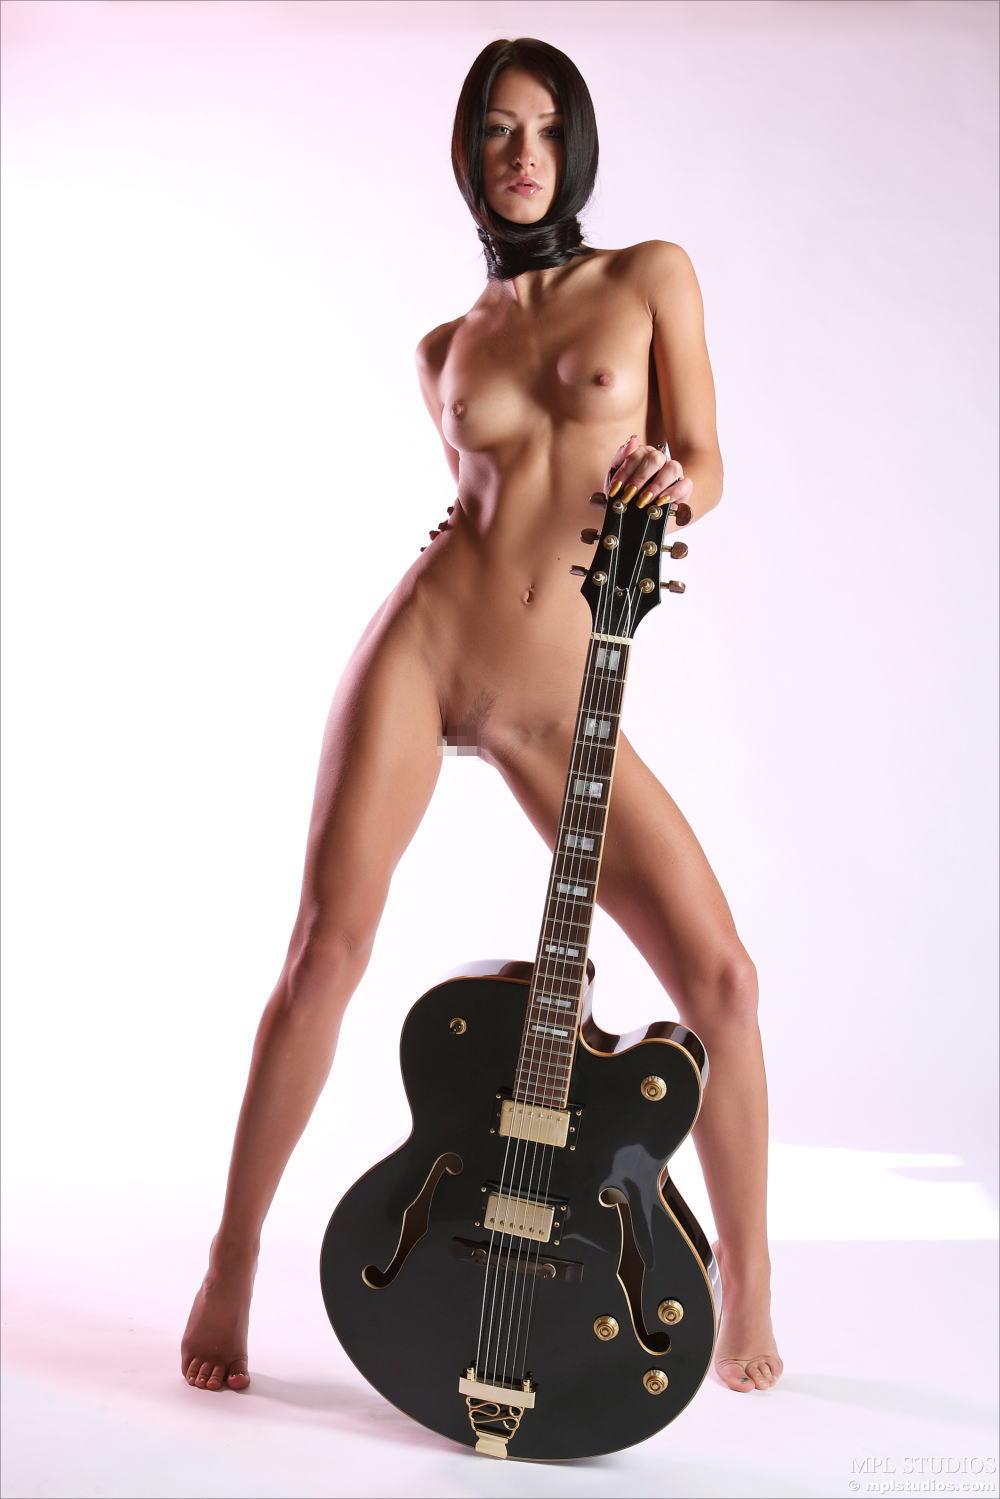 【おっぱい】バンドマンじゃなくても興奮するギターとヌード女性のコラボ画像【43枚】 06